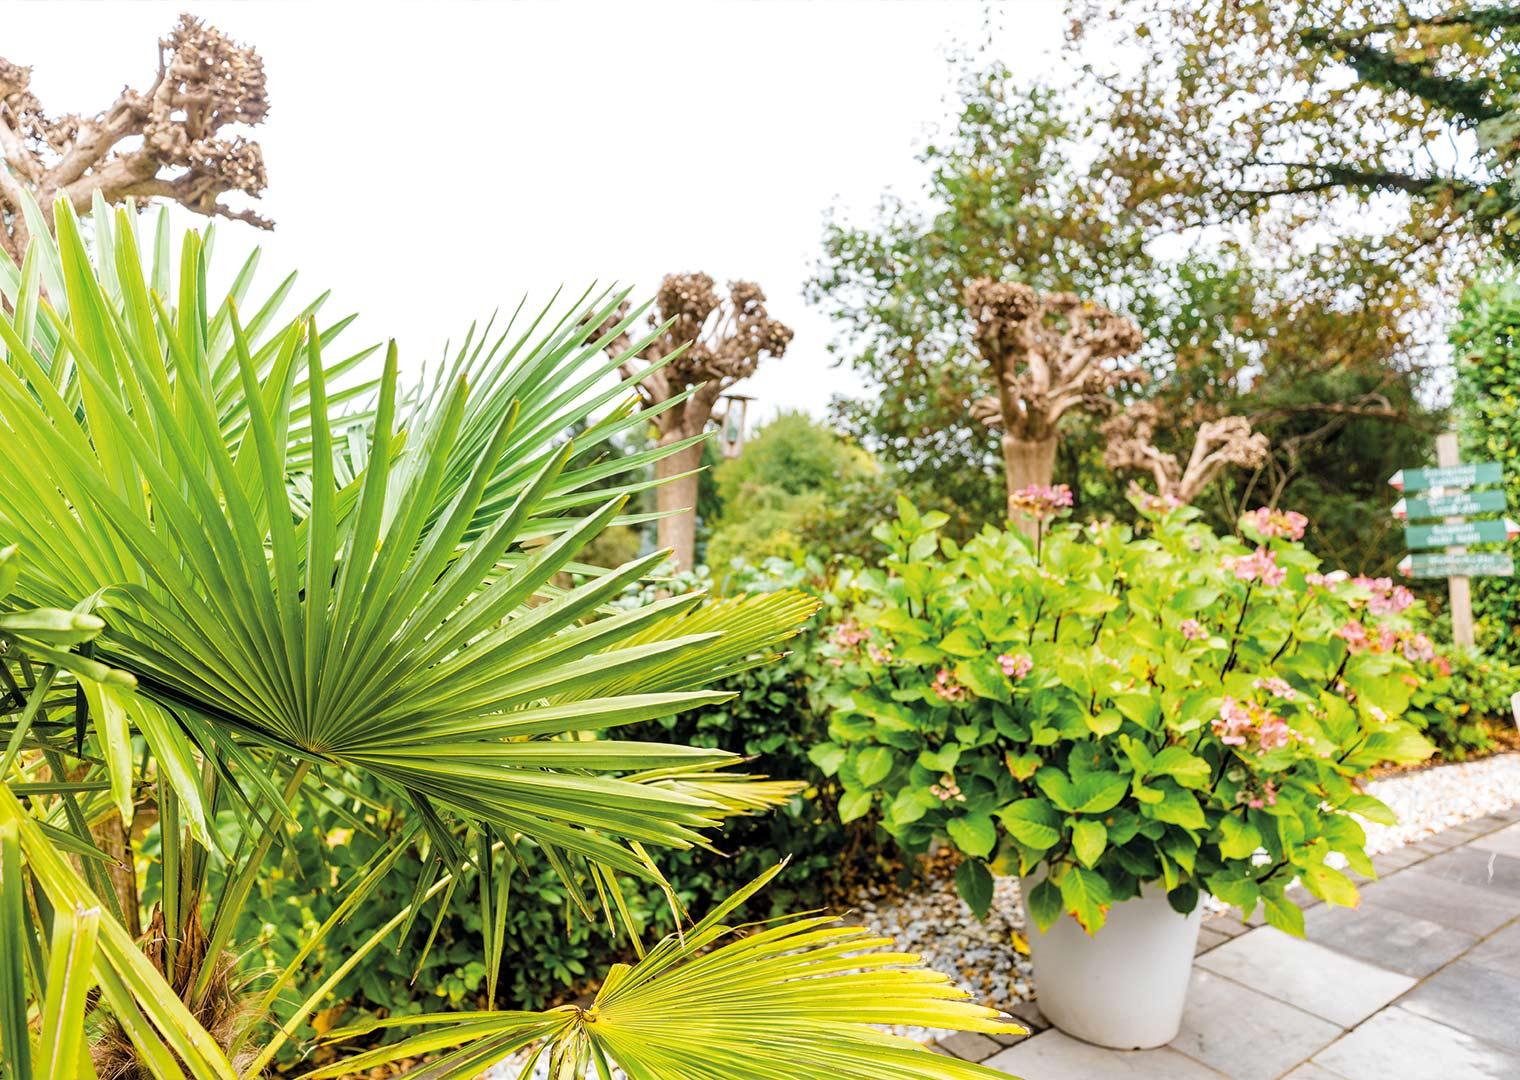 Link zur Bilddatei: menke_galabau_bochum_galeriebild_gartengestaltung_terrasse_palme